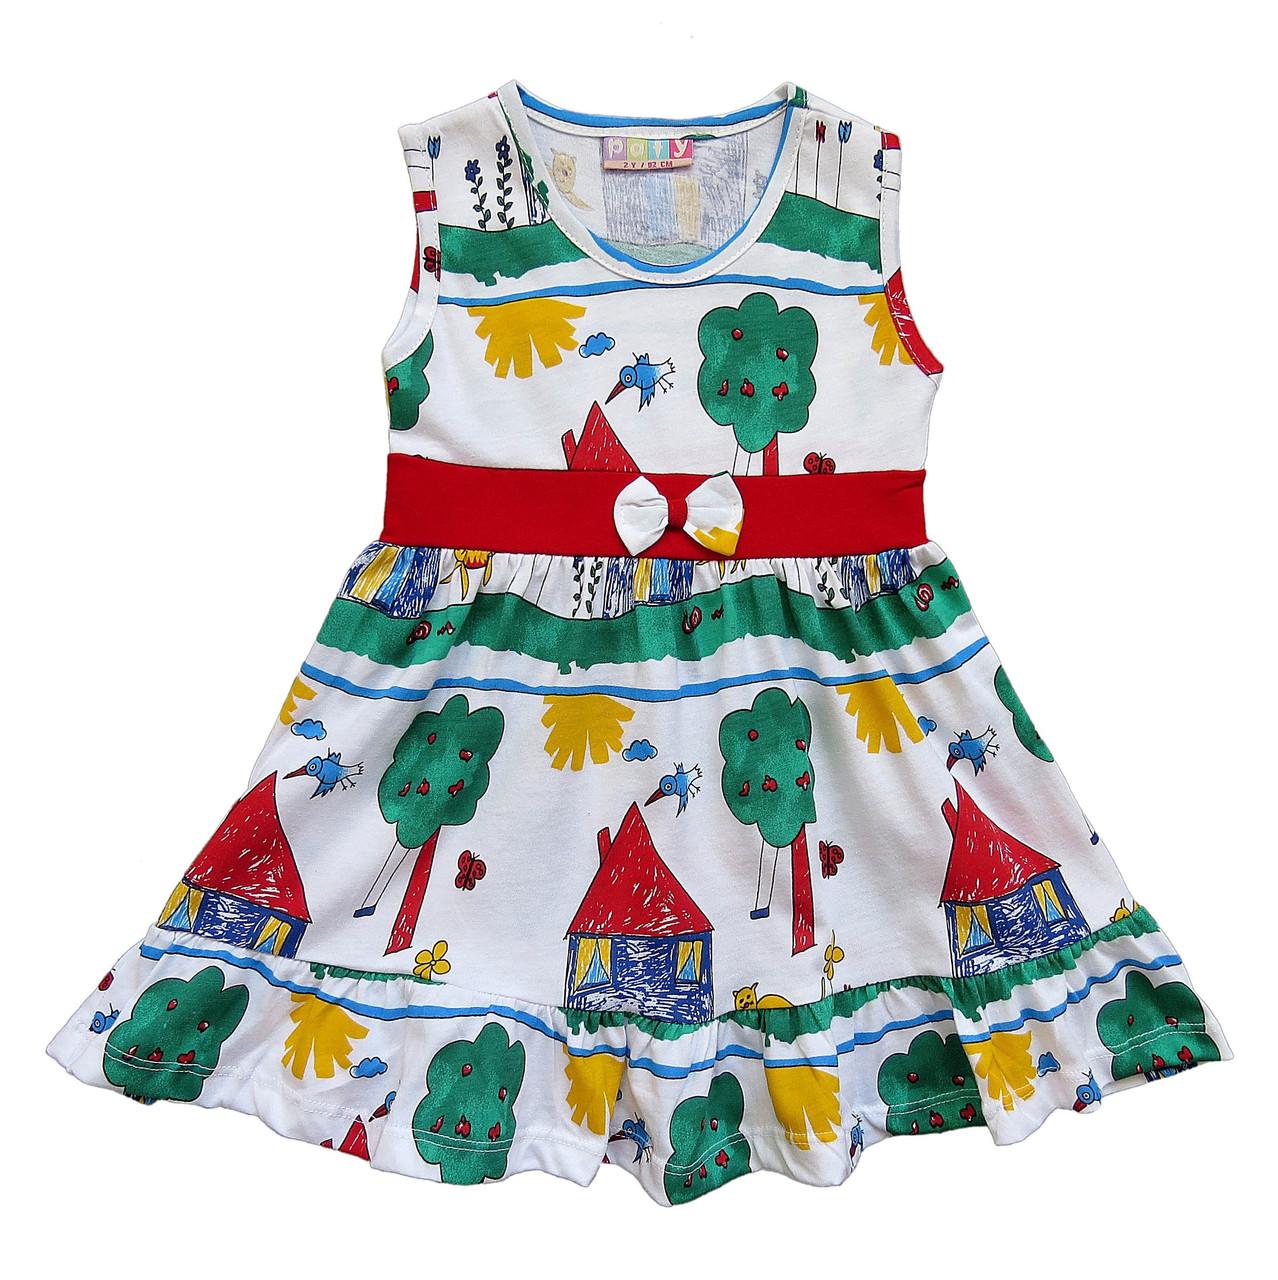 Летнее платье для девочки. Маломерит. 86, 92, 98 см